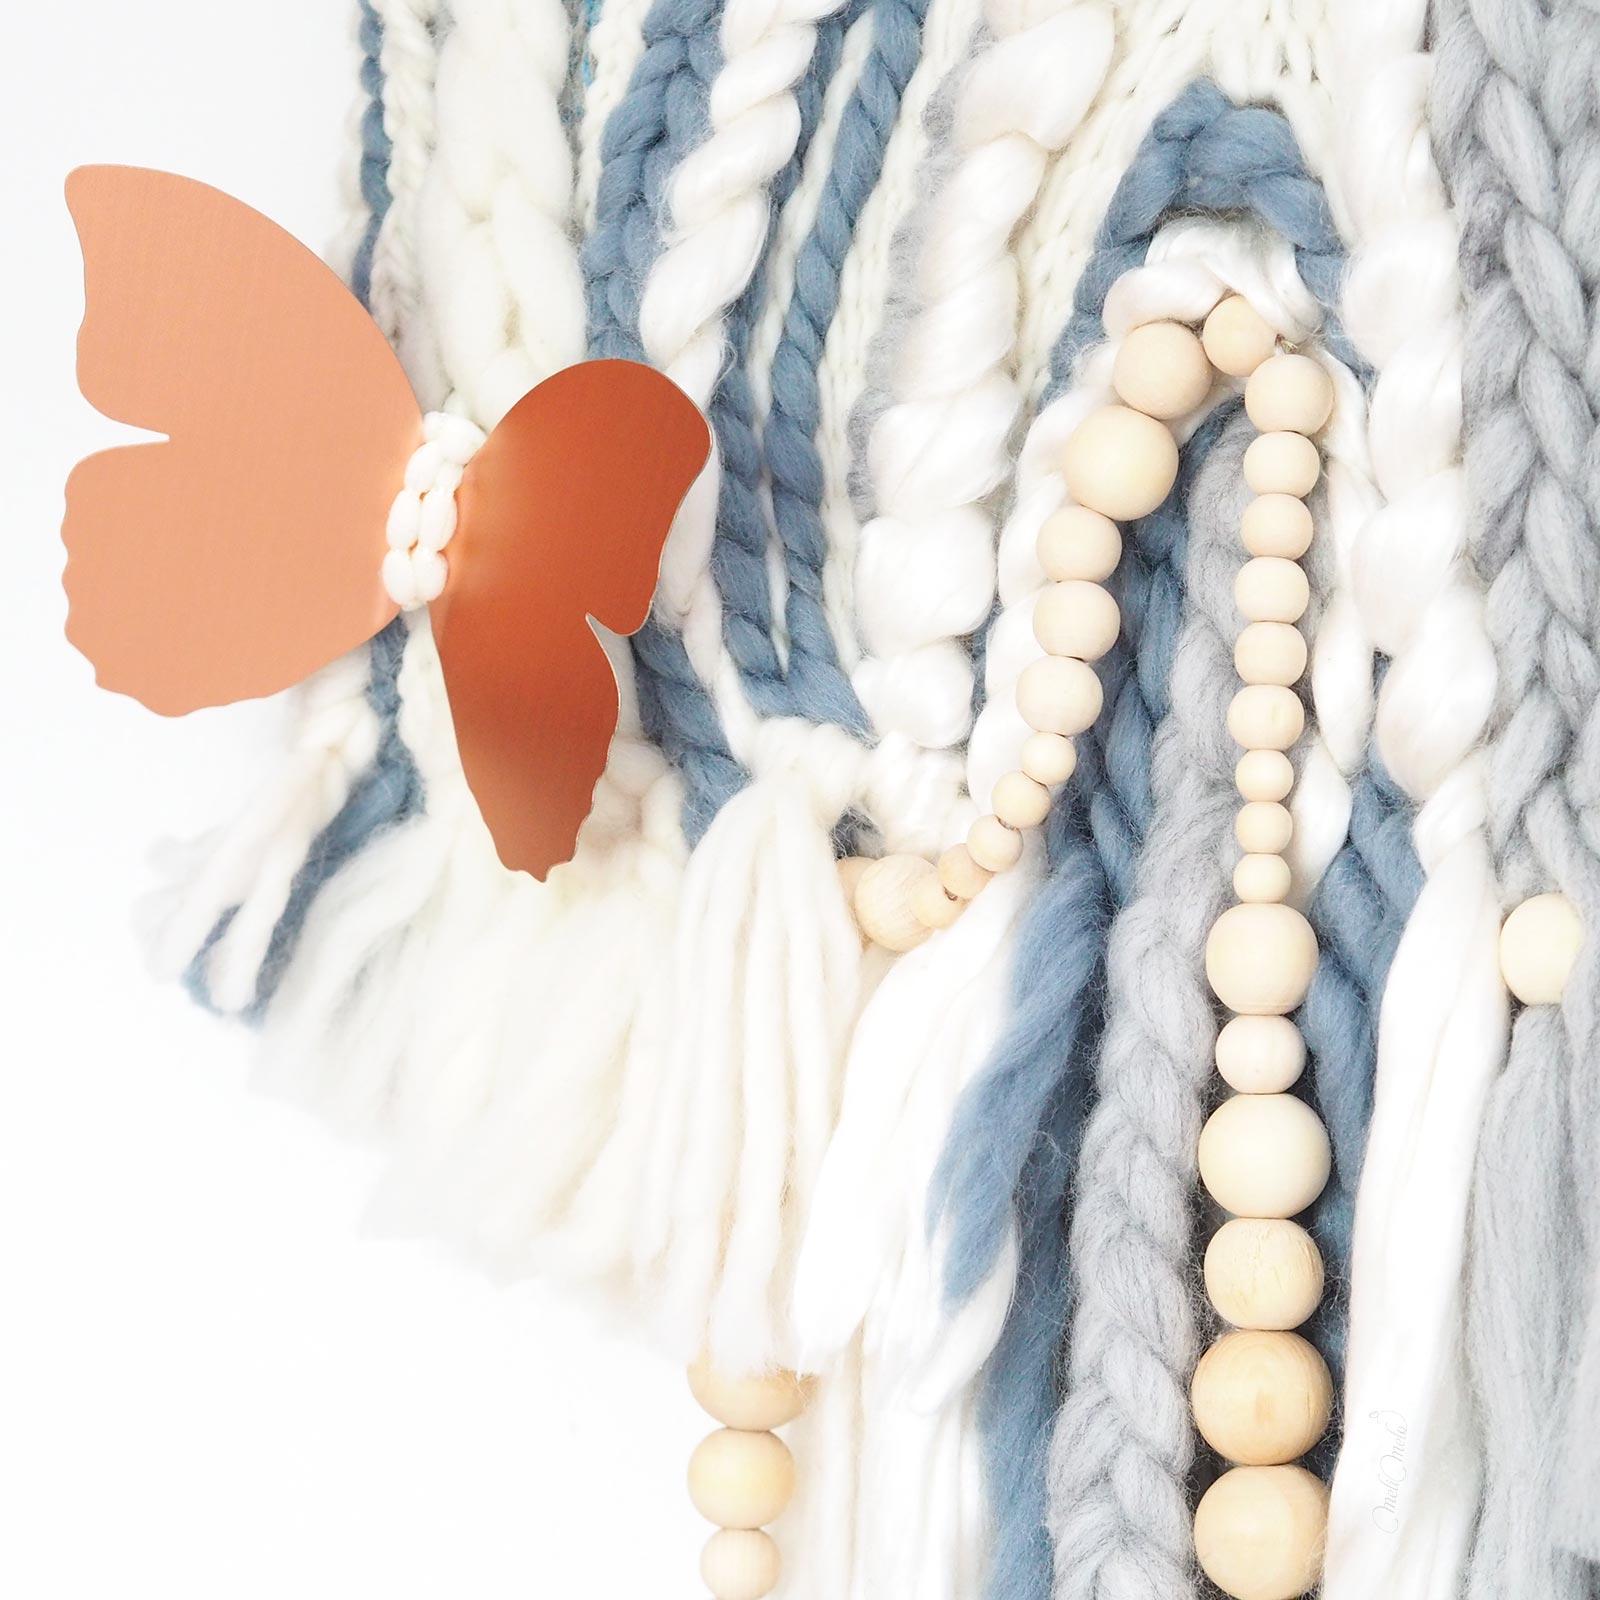 Tissage détail papillon cuivre bois bleu laine merino wool we are knitters handweaving laboutiquedemelimelo